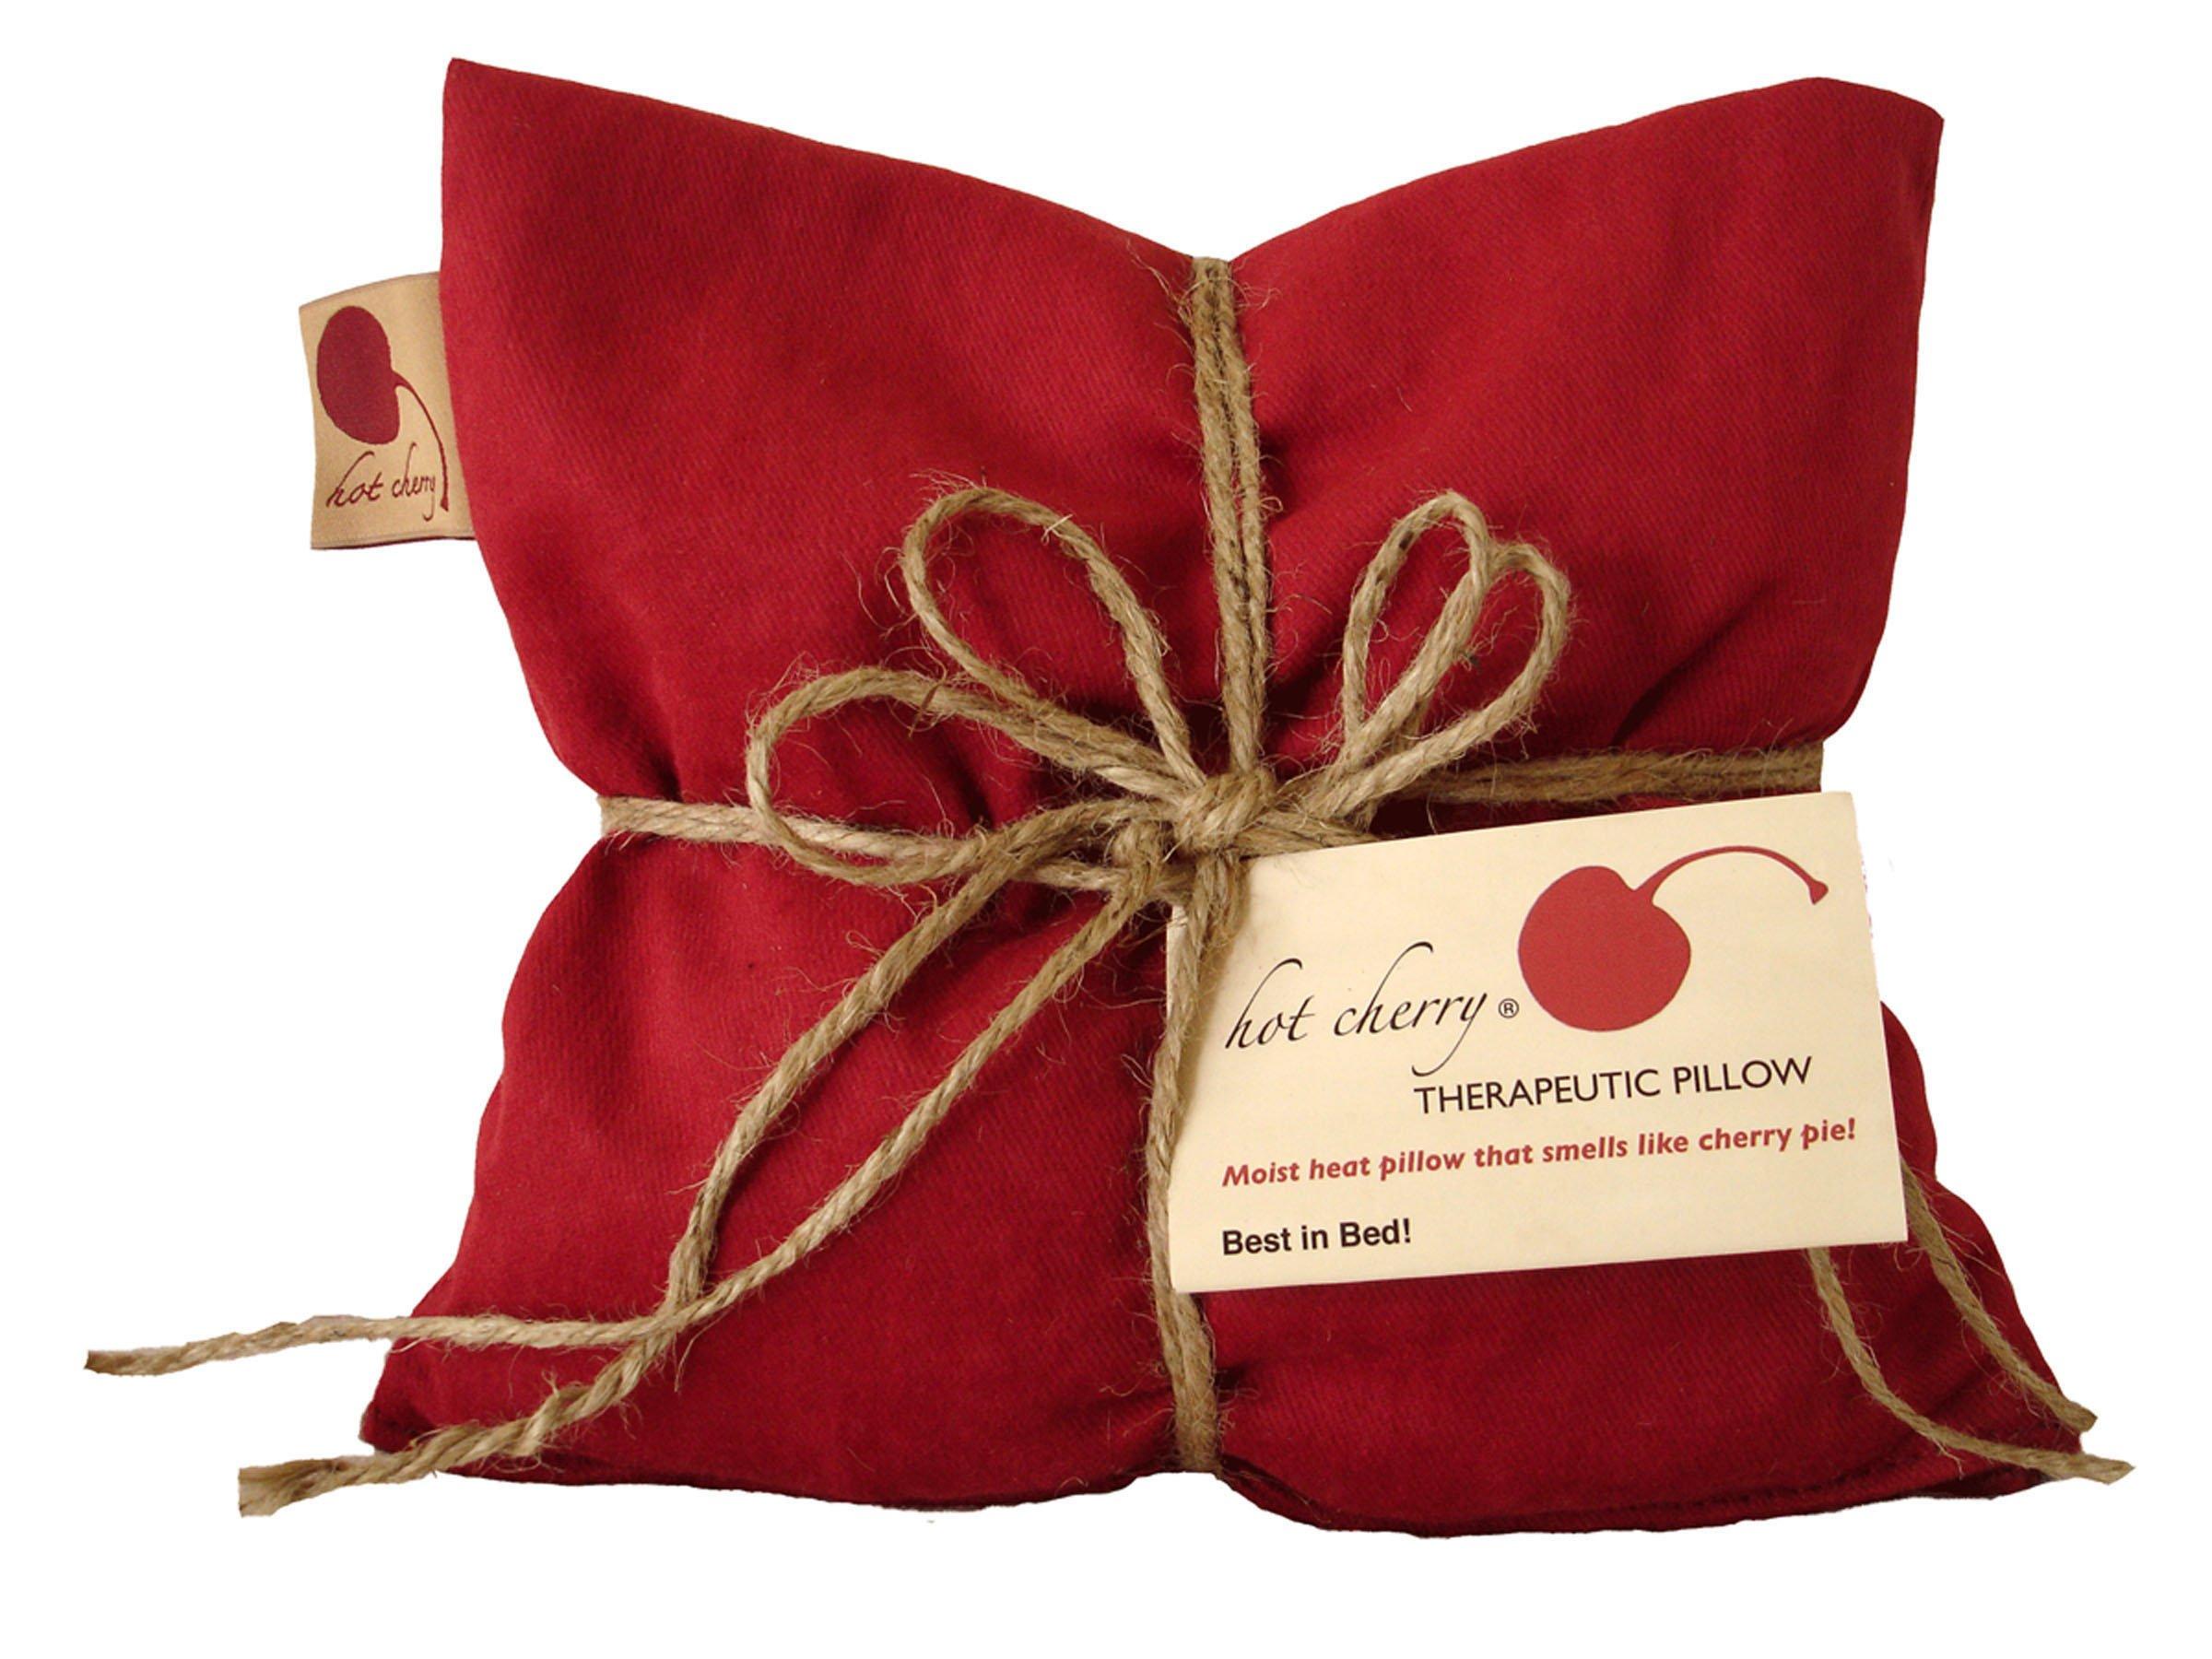 buckwheat comfysleep usa pillow in pillows itm x made